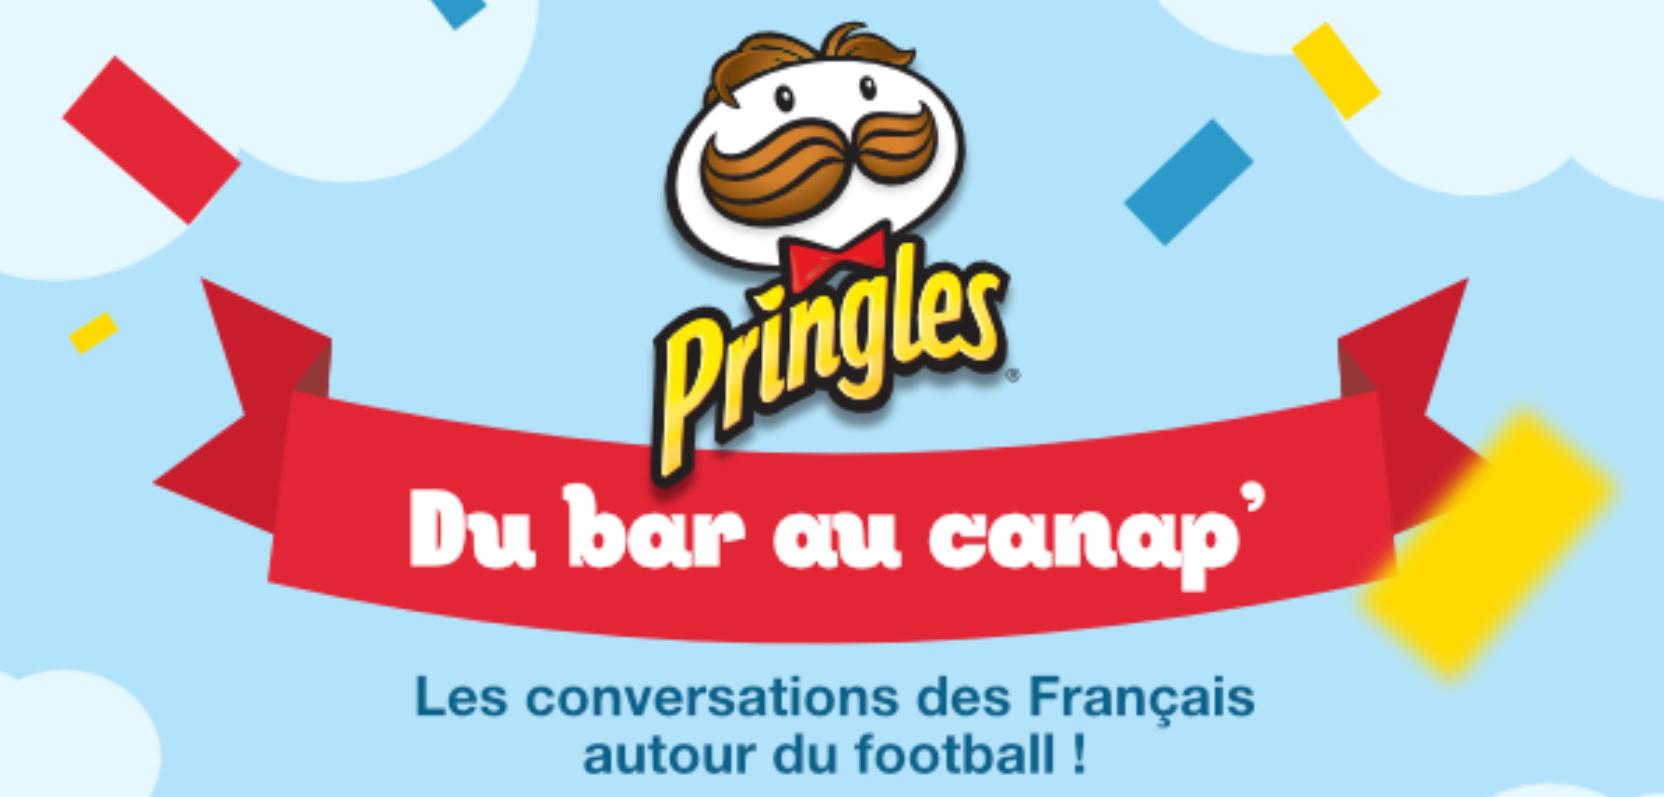 football-française-pringles